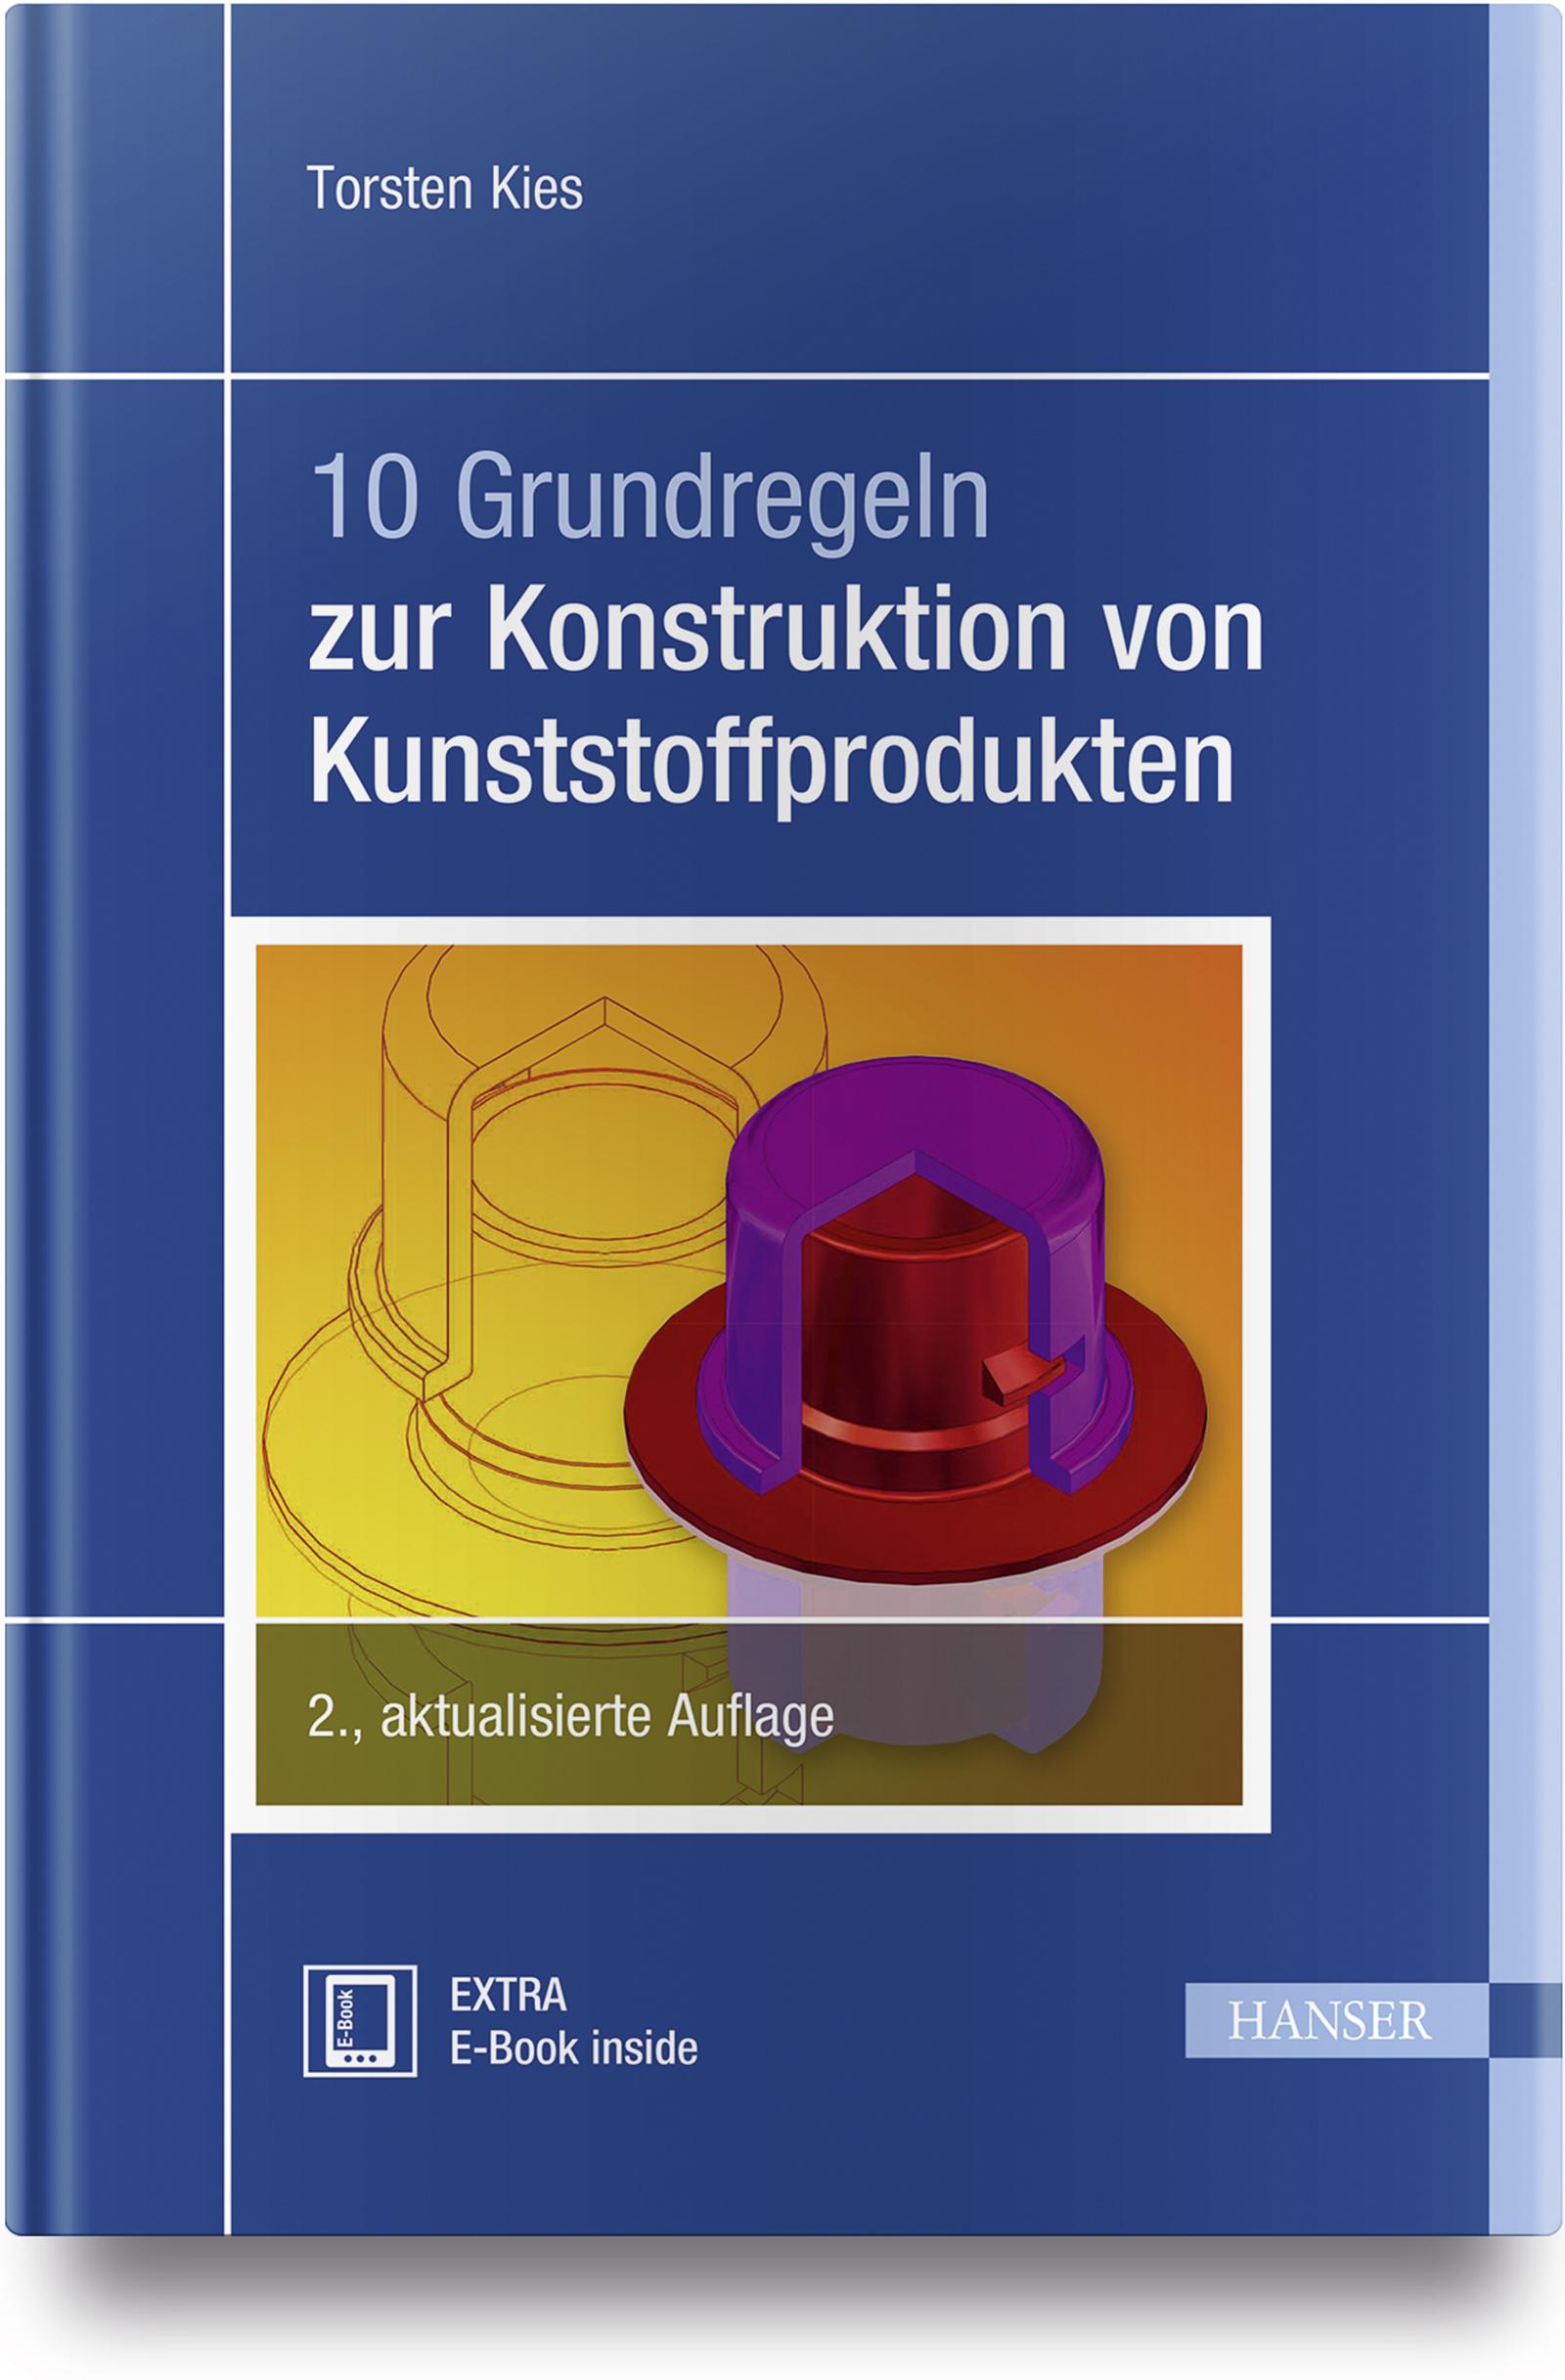 Kies, 10 Grundregeln zur Konstruktion von Kunststoffprodukten, 978-3-446-45190-2